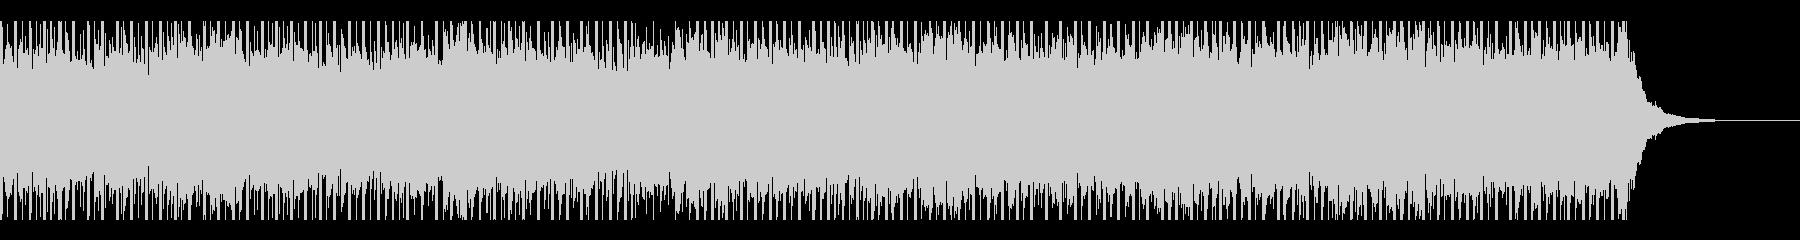 コーポレートローンチ(60秒)の未再生の波形